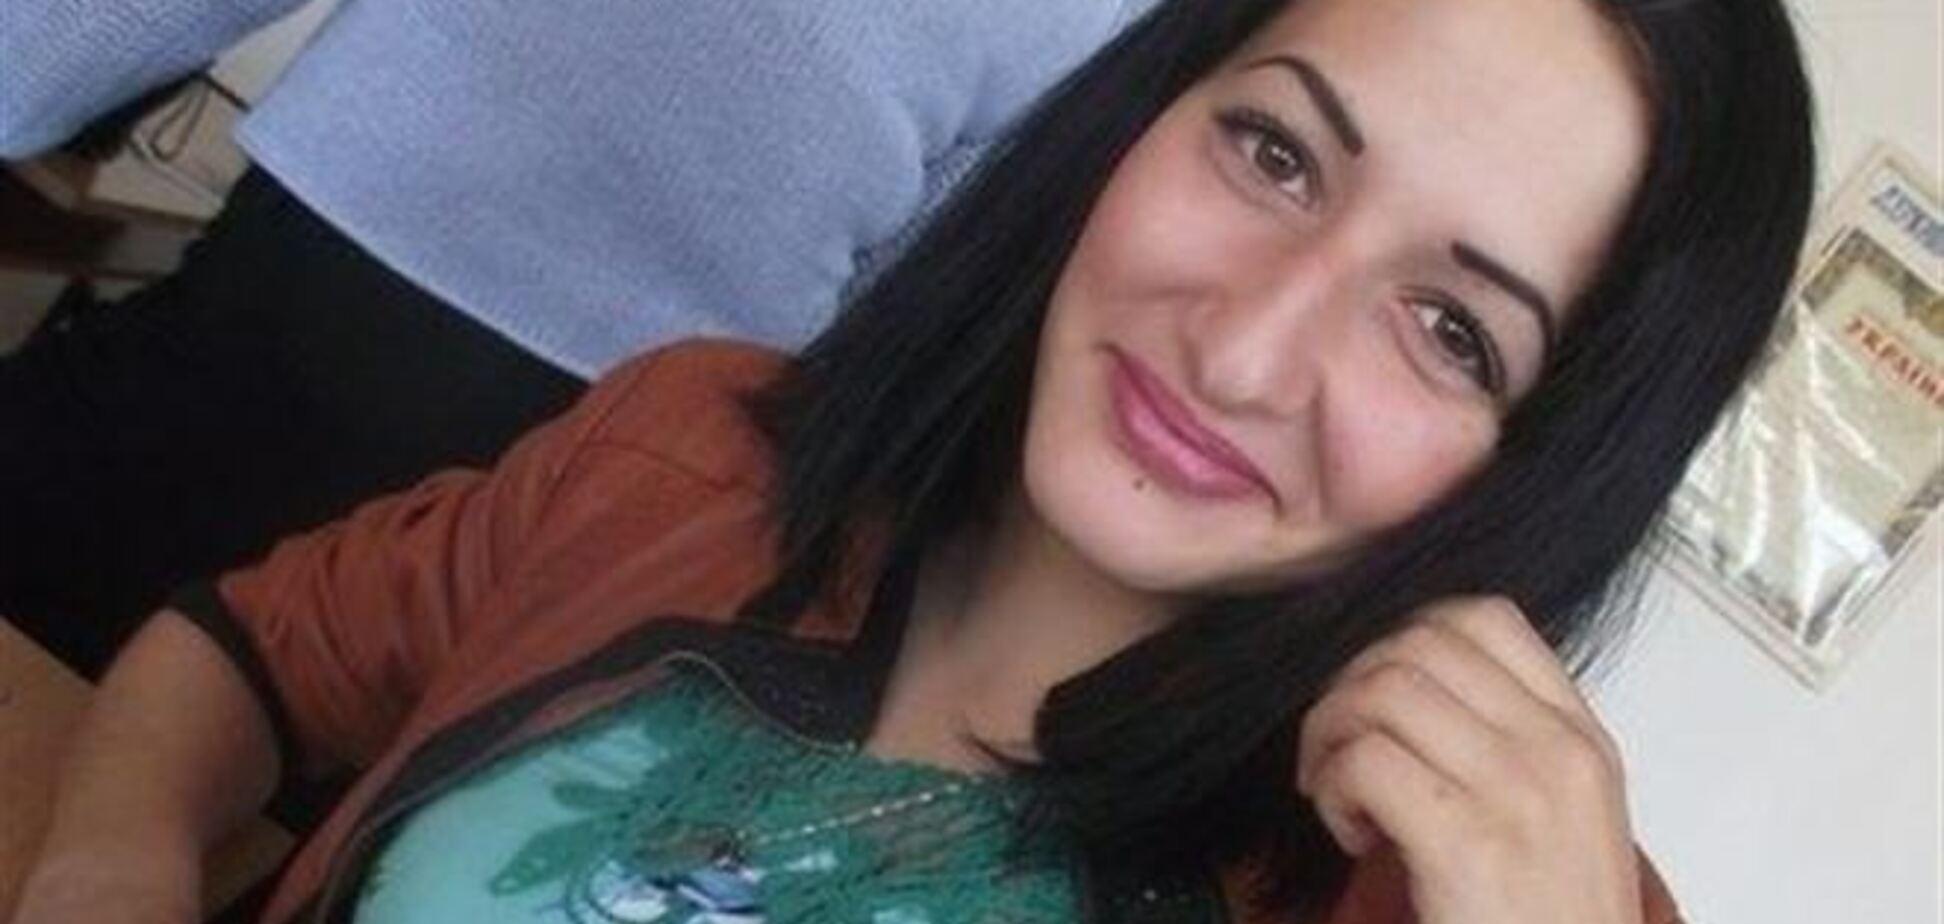 Избившая учительницу крымская ученица заплатит 119 гривен